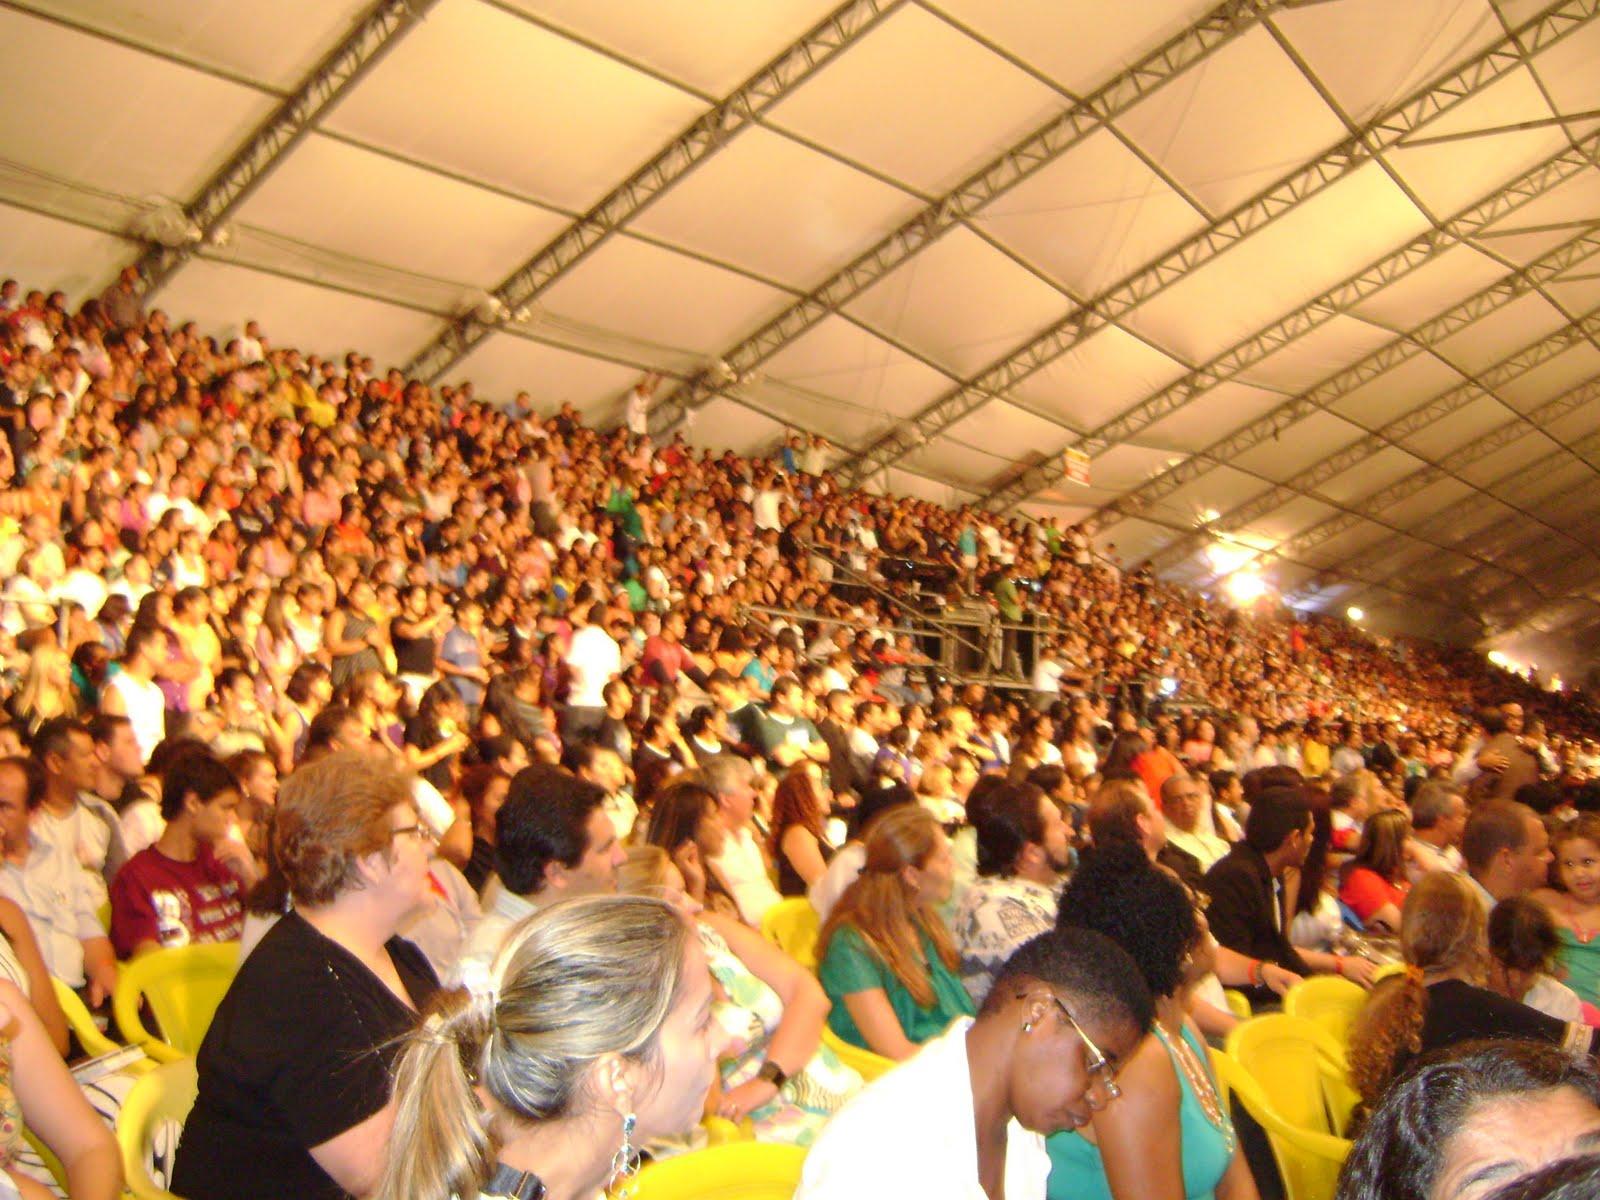 Fotos do congresso em porto seguro 2010